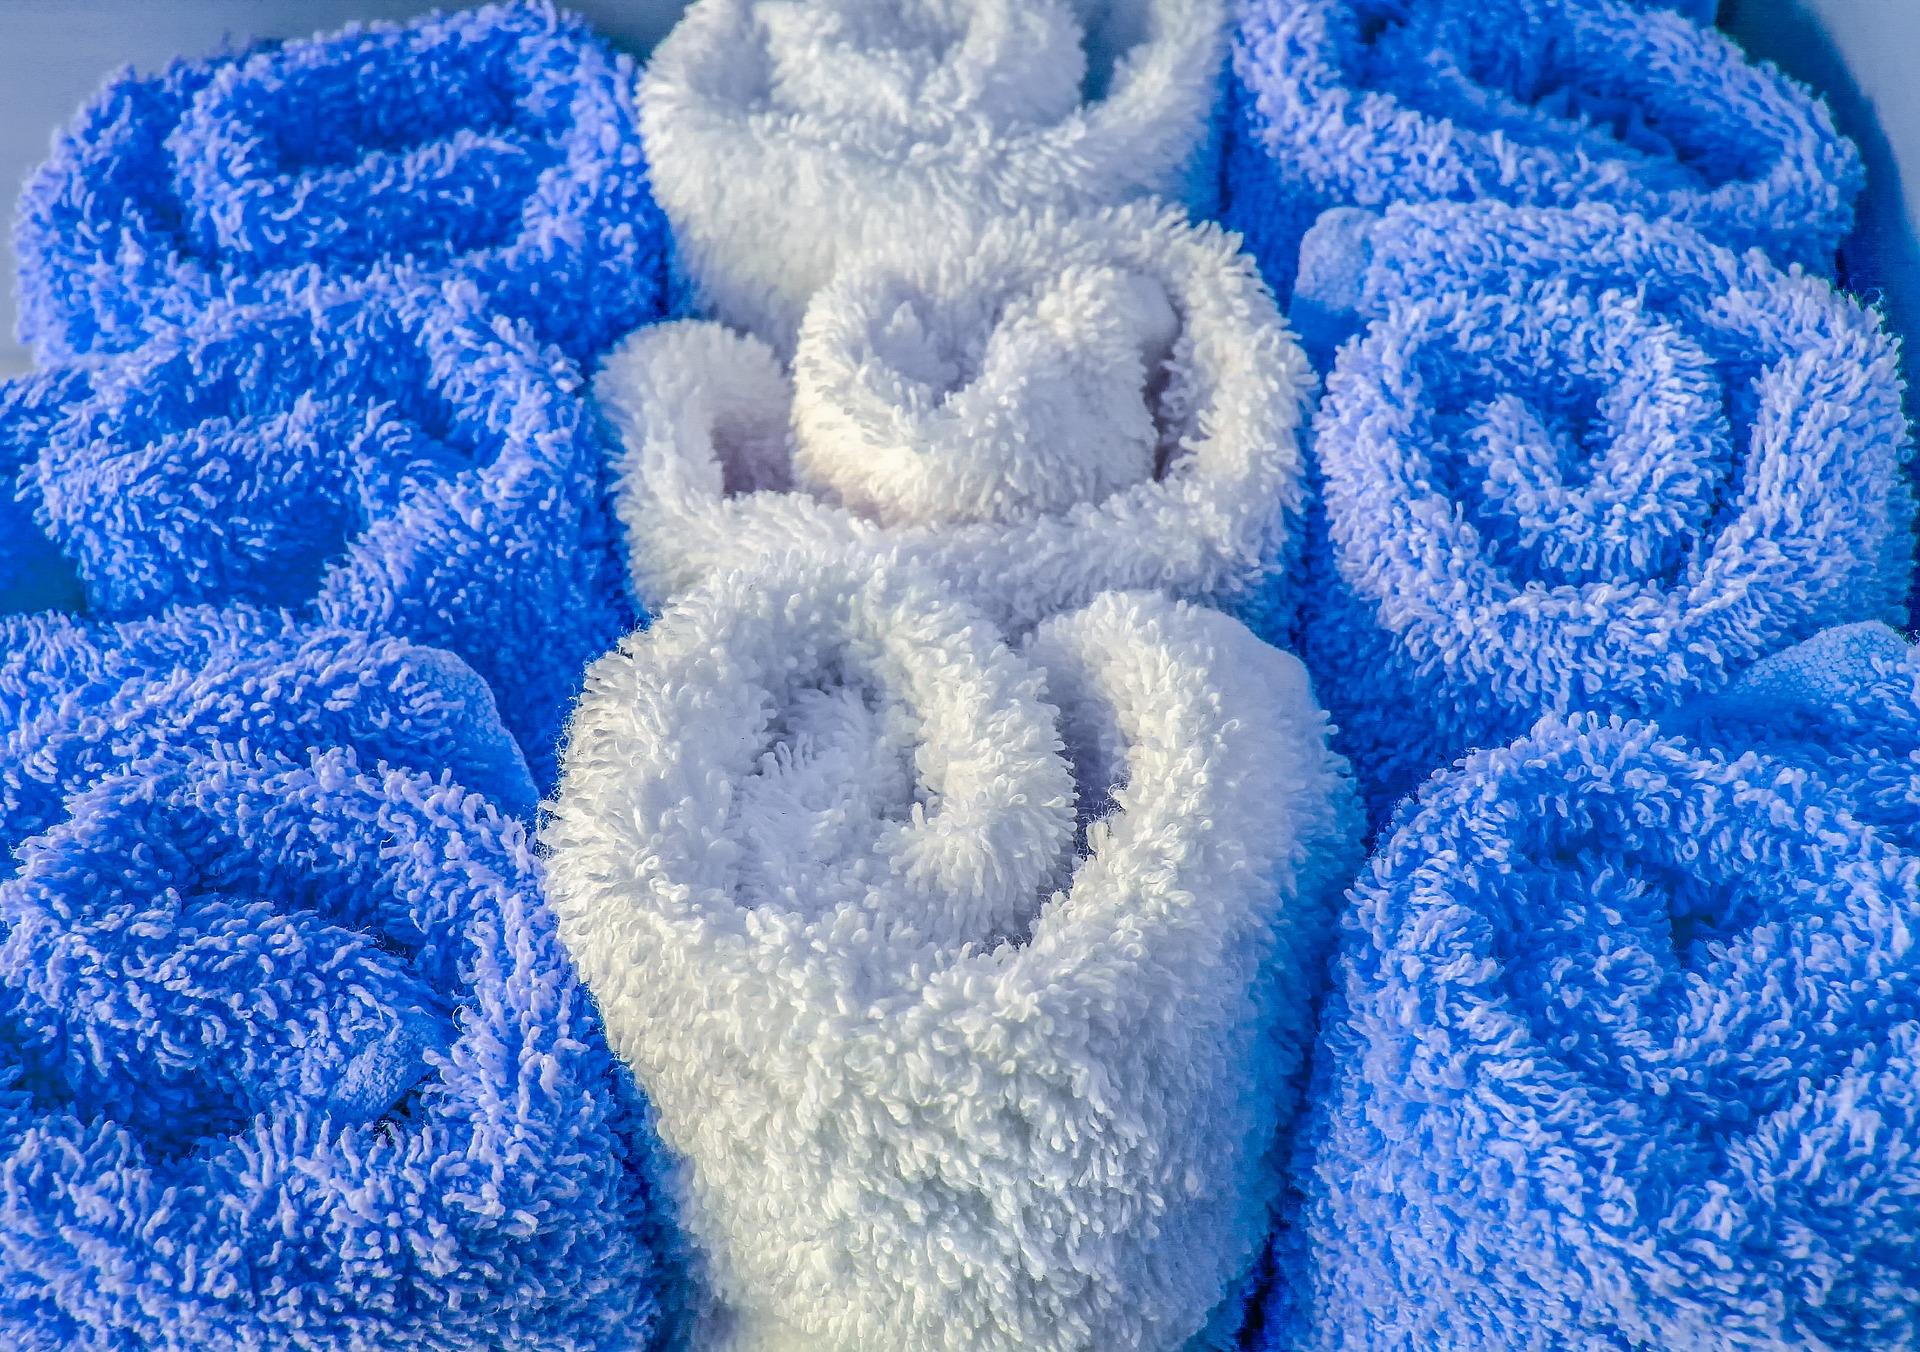 4. Frozen Washcloths